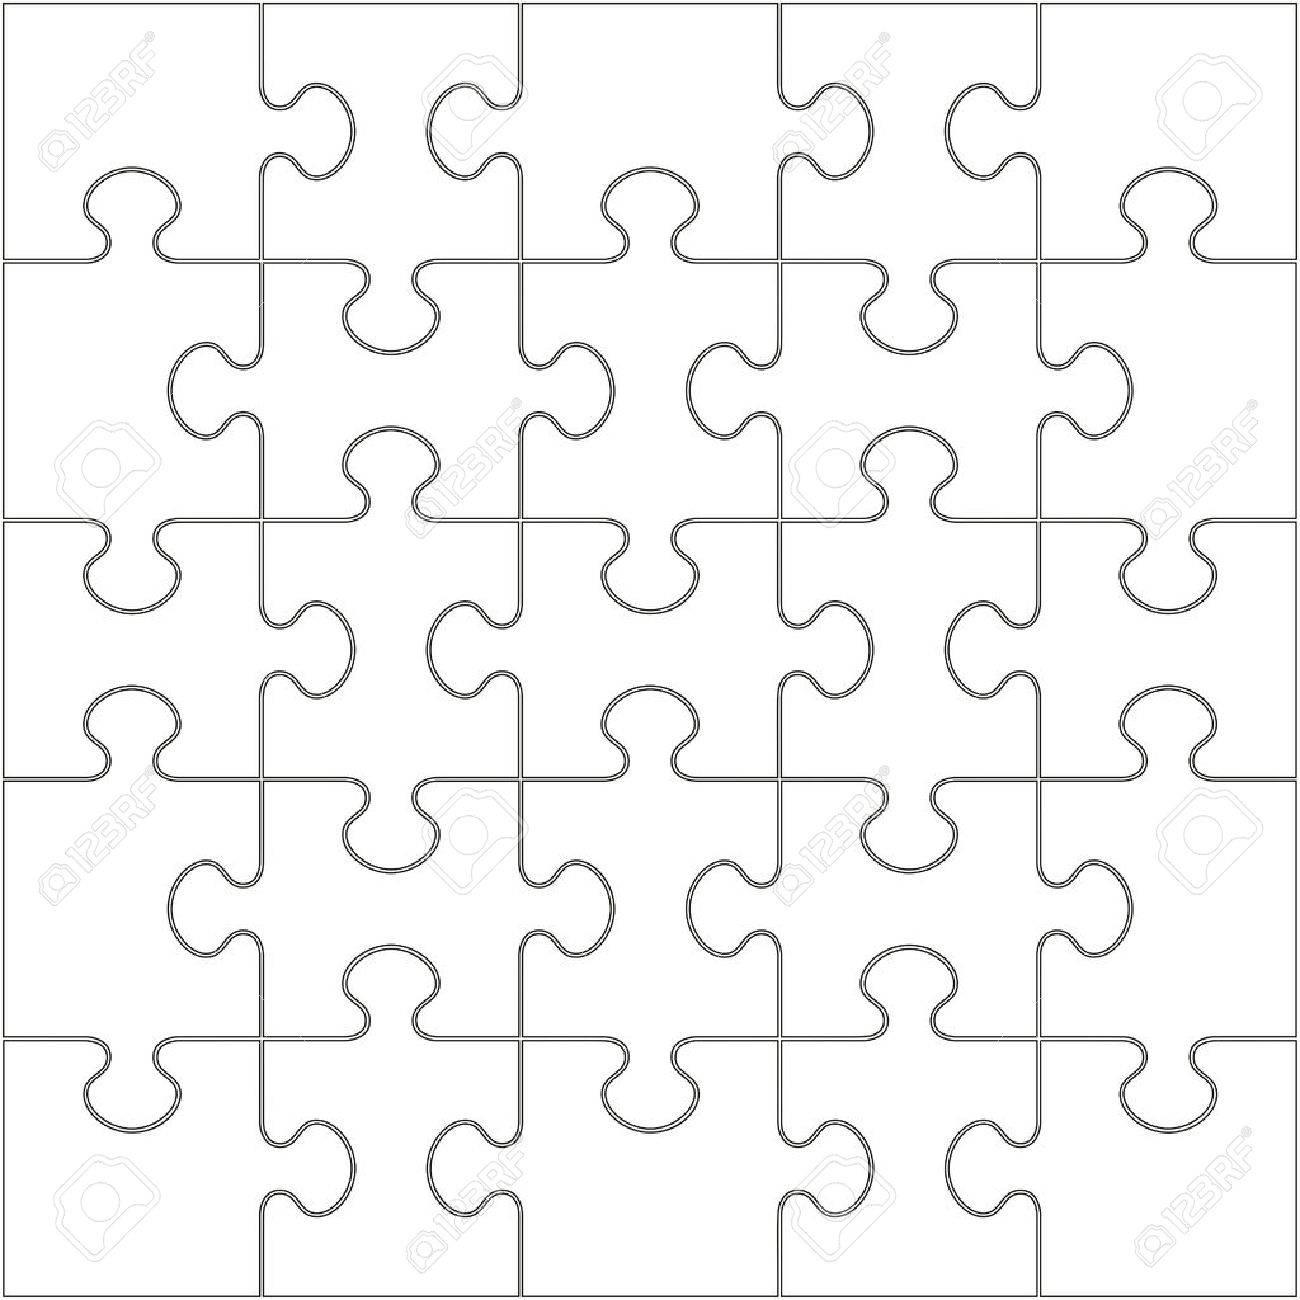 Luxury Single Puzzle Piece Template Crest - Resume Ideas - namanasa.com